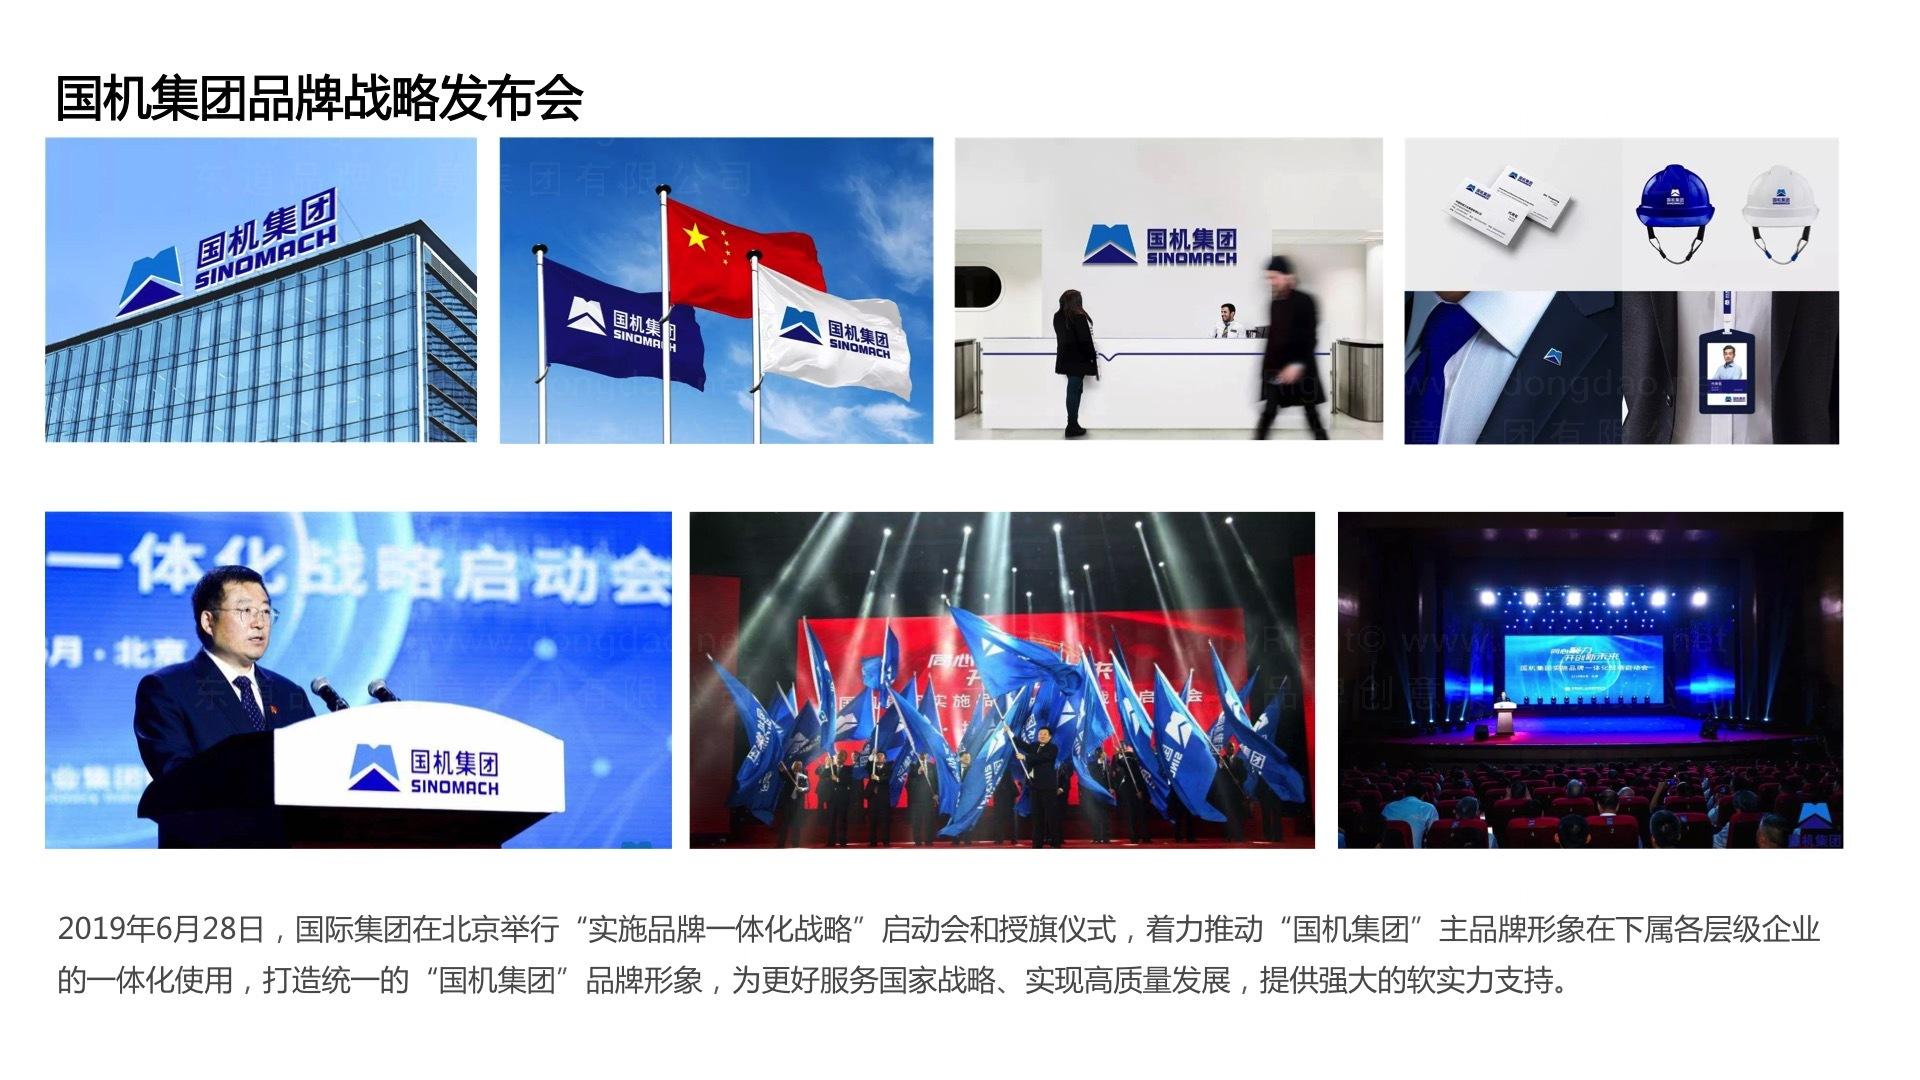 品牌战略&企业文化国机智骏品牌战略规划与架构梳理应用场景_2